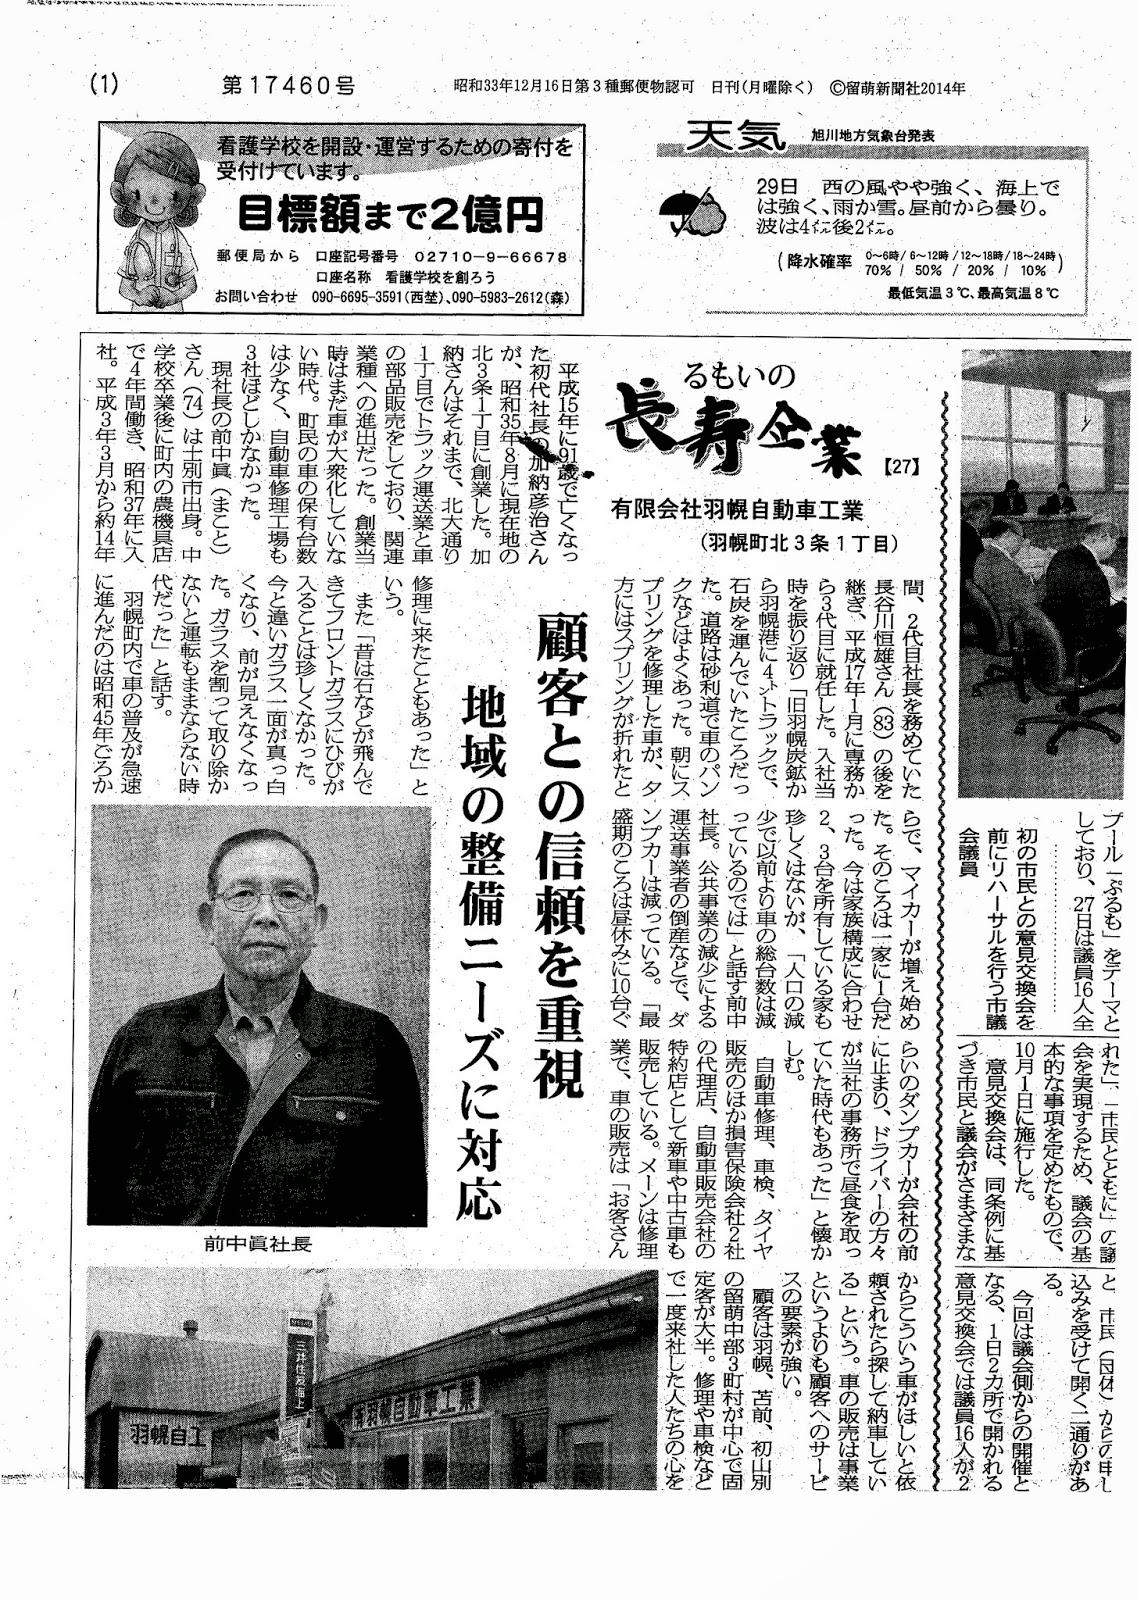 看護学校を創ろう: 日刊留萌新聞...